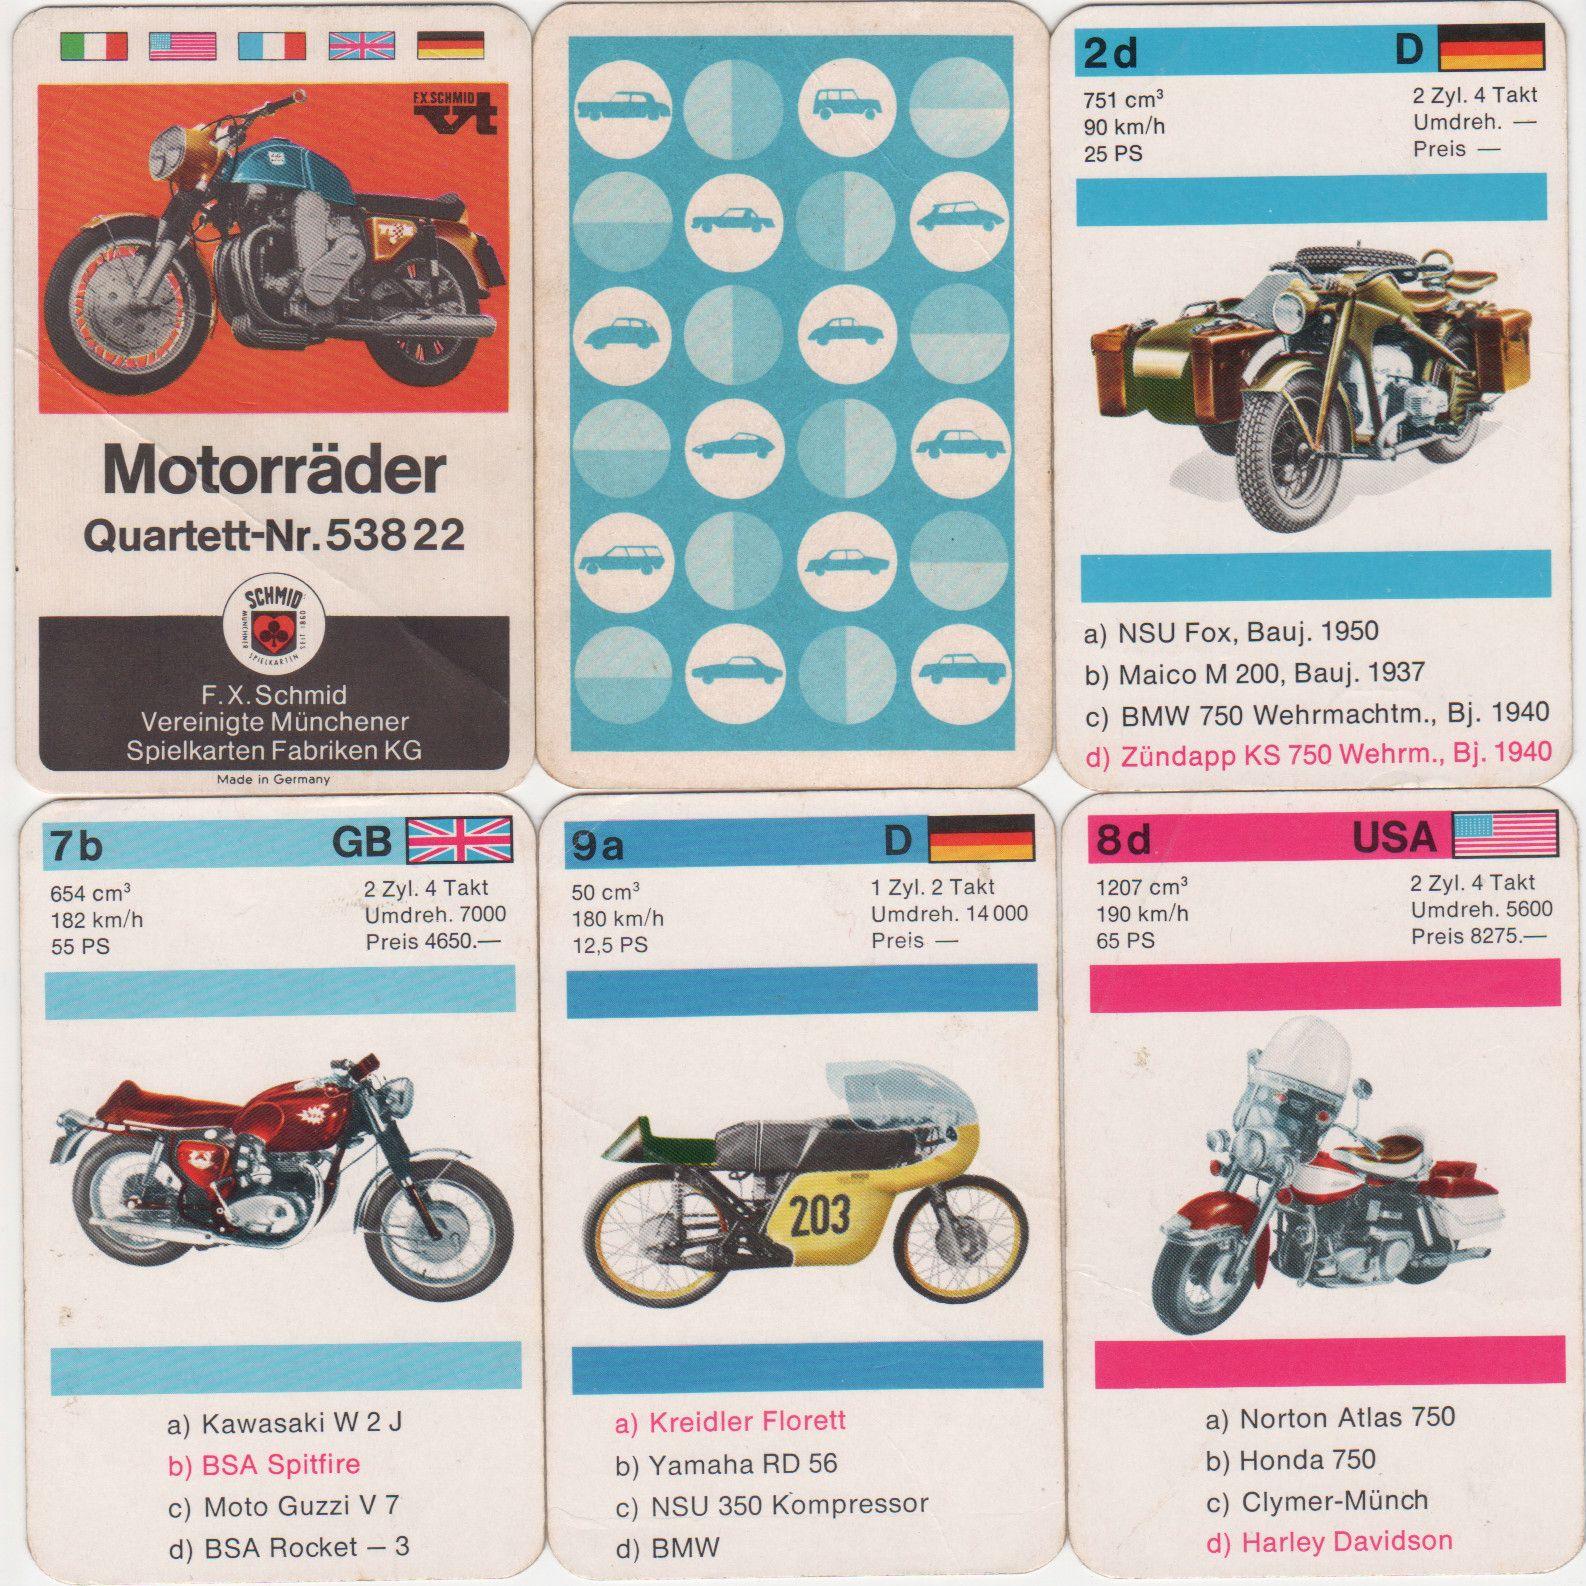 fx-53822_Motorräder_Münch_Motorrad-Quartett